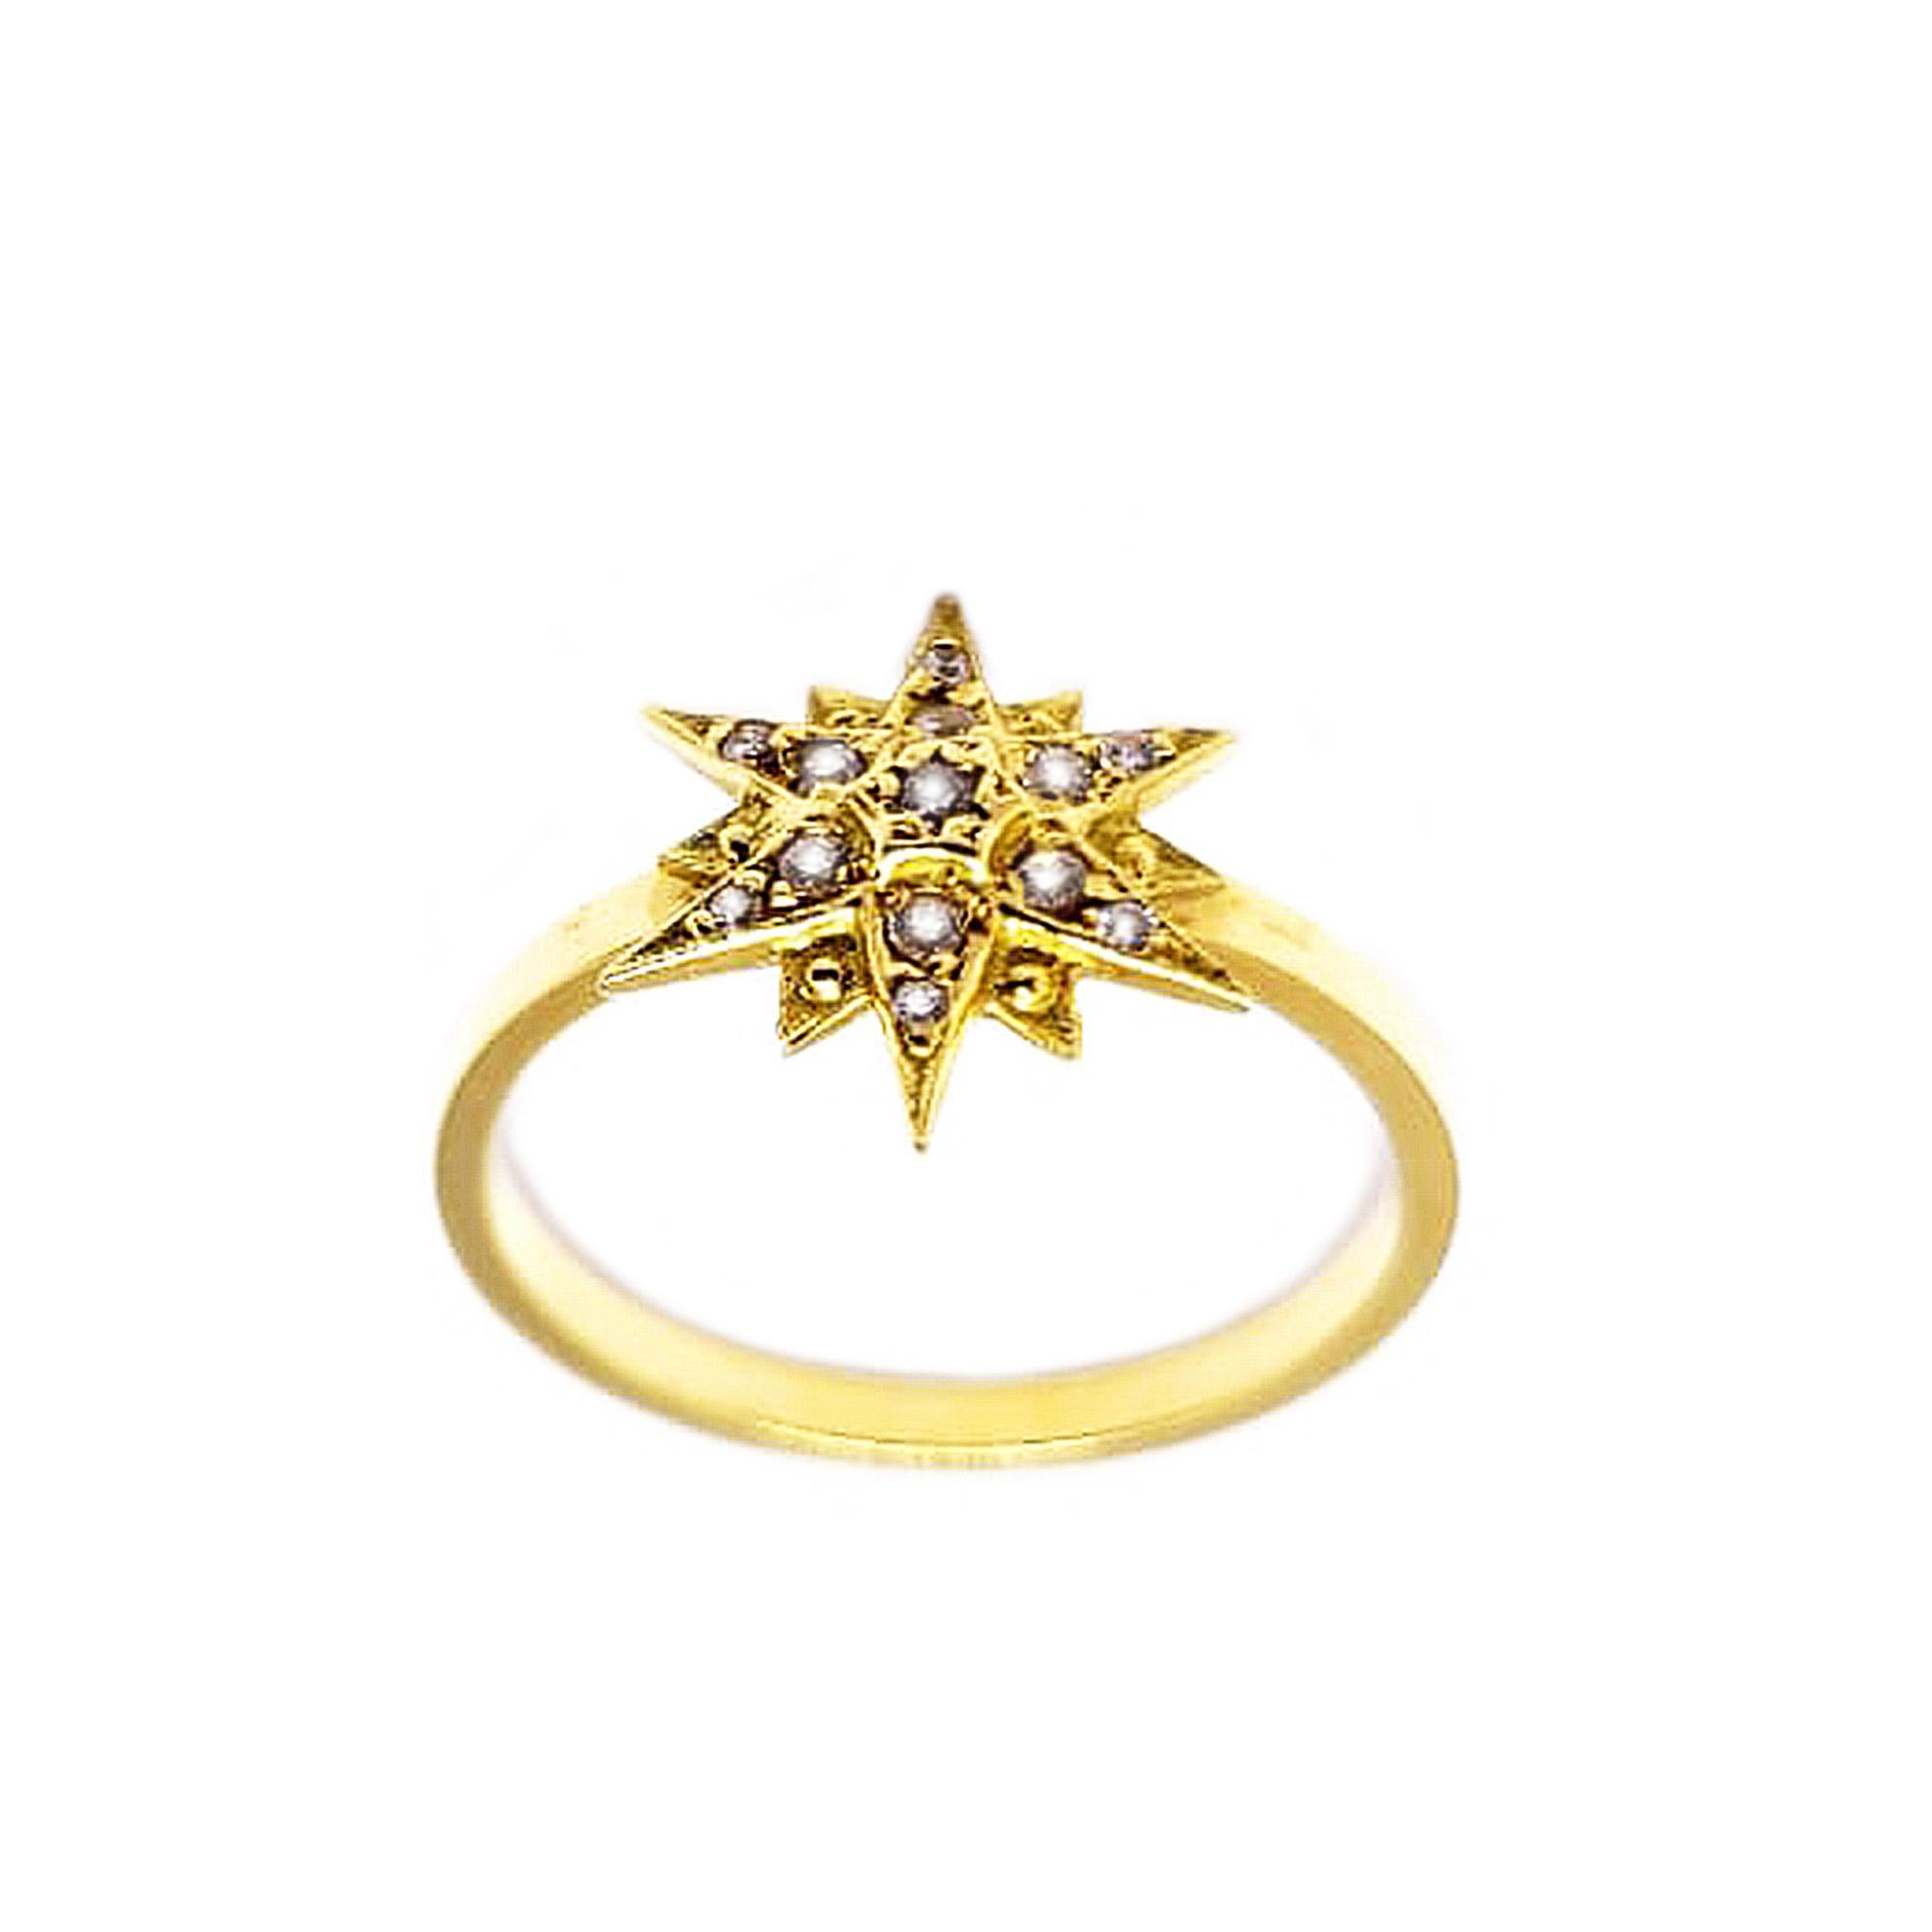 Anel Estrela c/ Zircônias em Ouro 18 Kilates